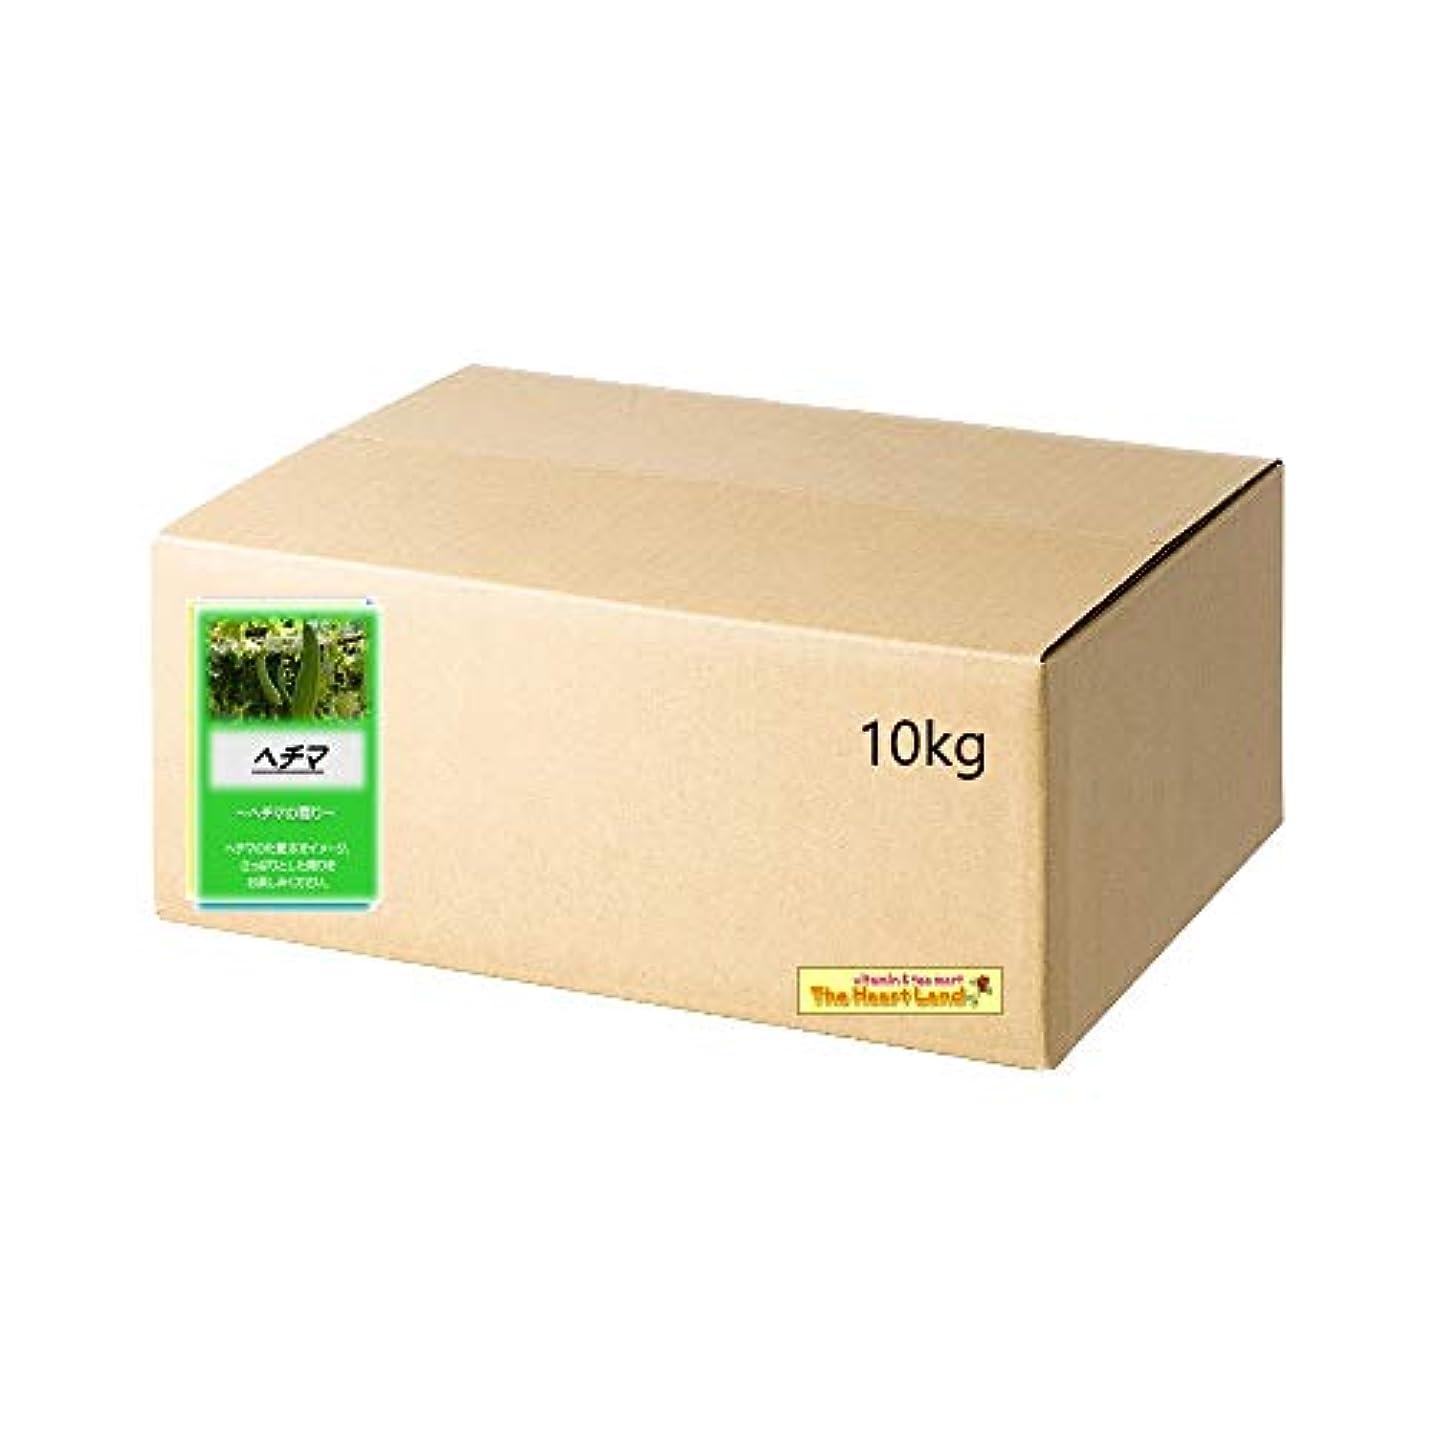 ガムコジオスコシステムアサヒ入浴剤 浴用入浴化粧品 ヘチマ 10kg